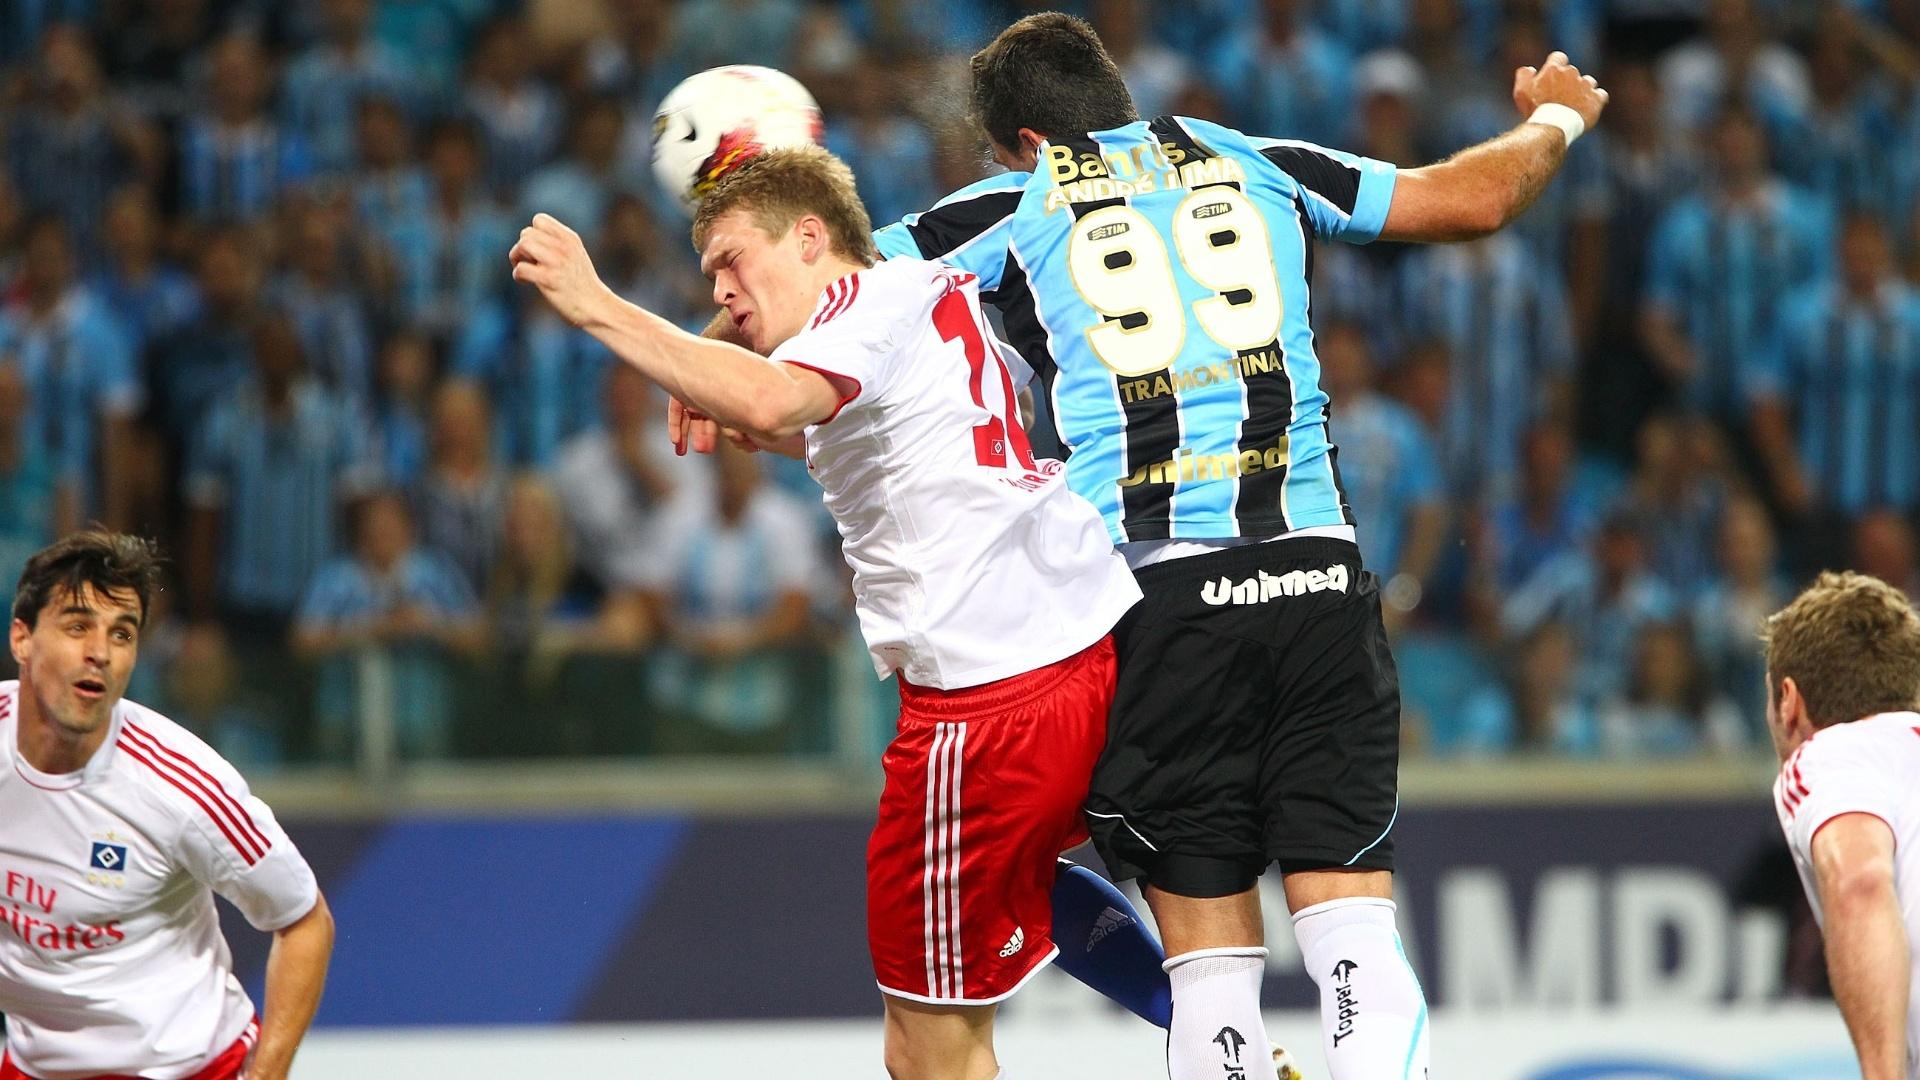 08.dez.2012- André Lima disputa bola de cabeça com Rudnevs, do Hamburgo, durante partida de inauguração da Arena do Grêmio